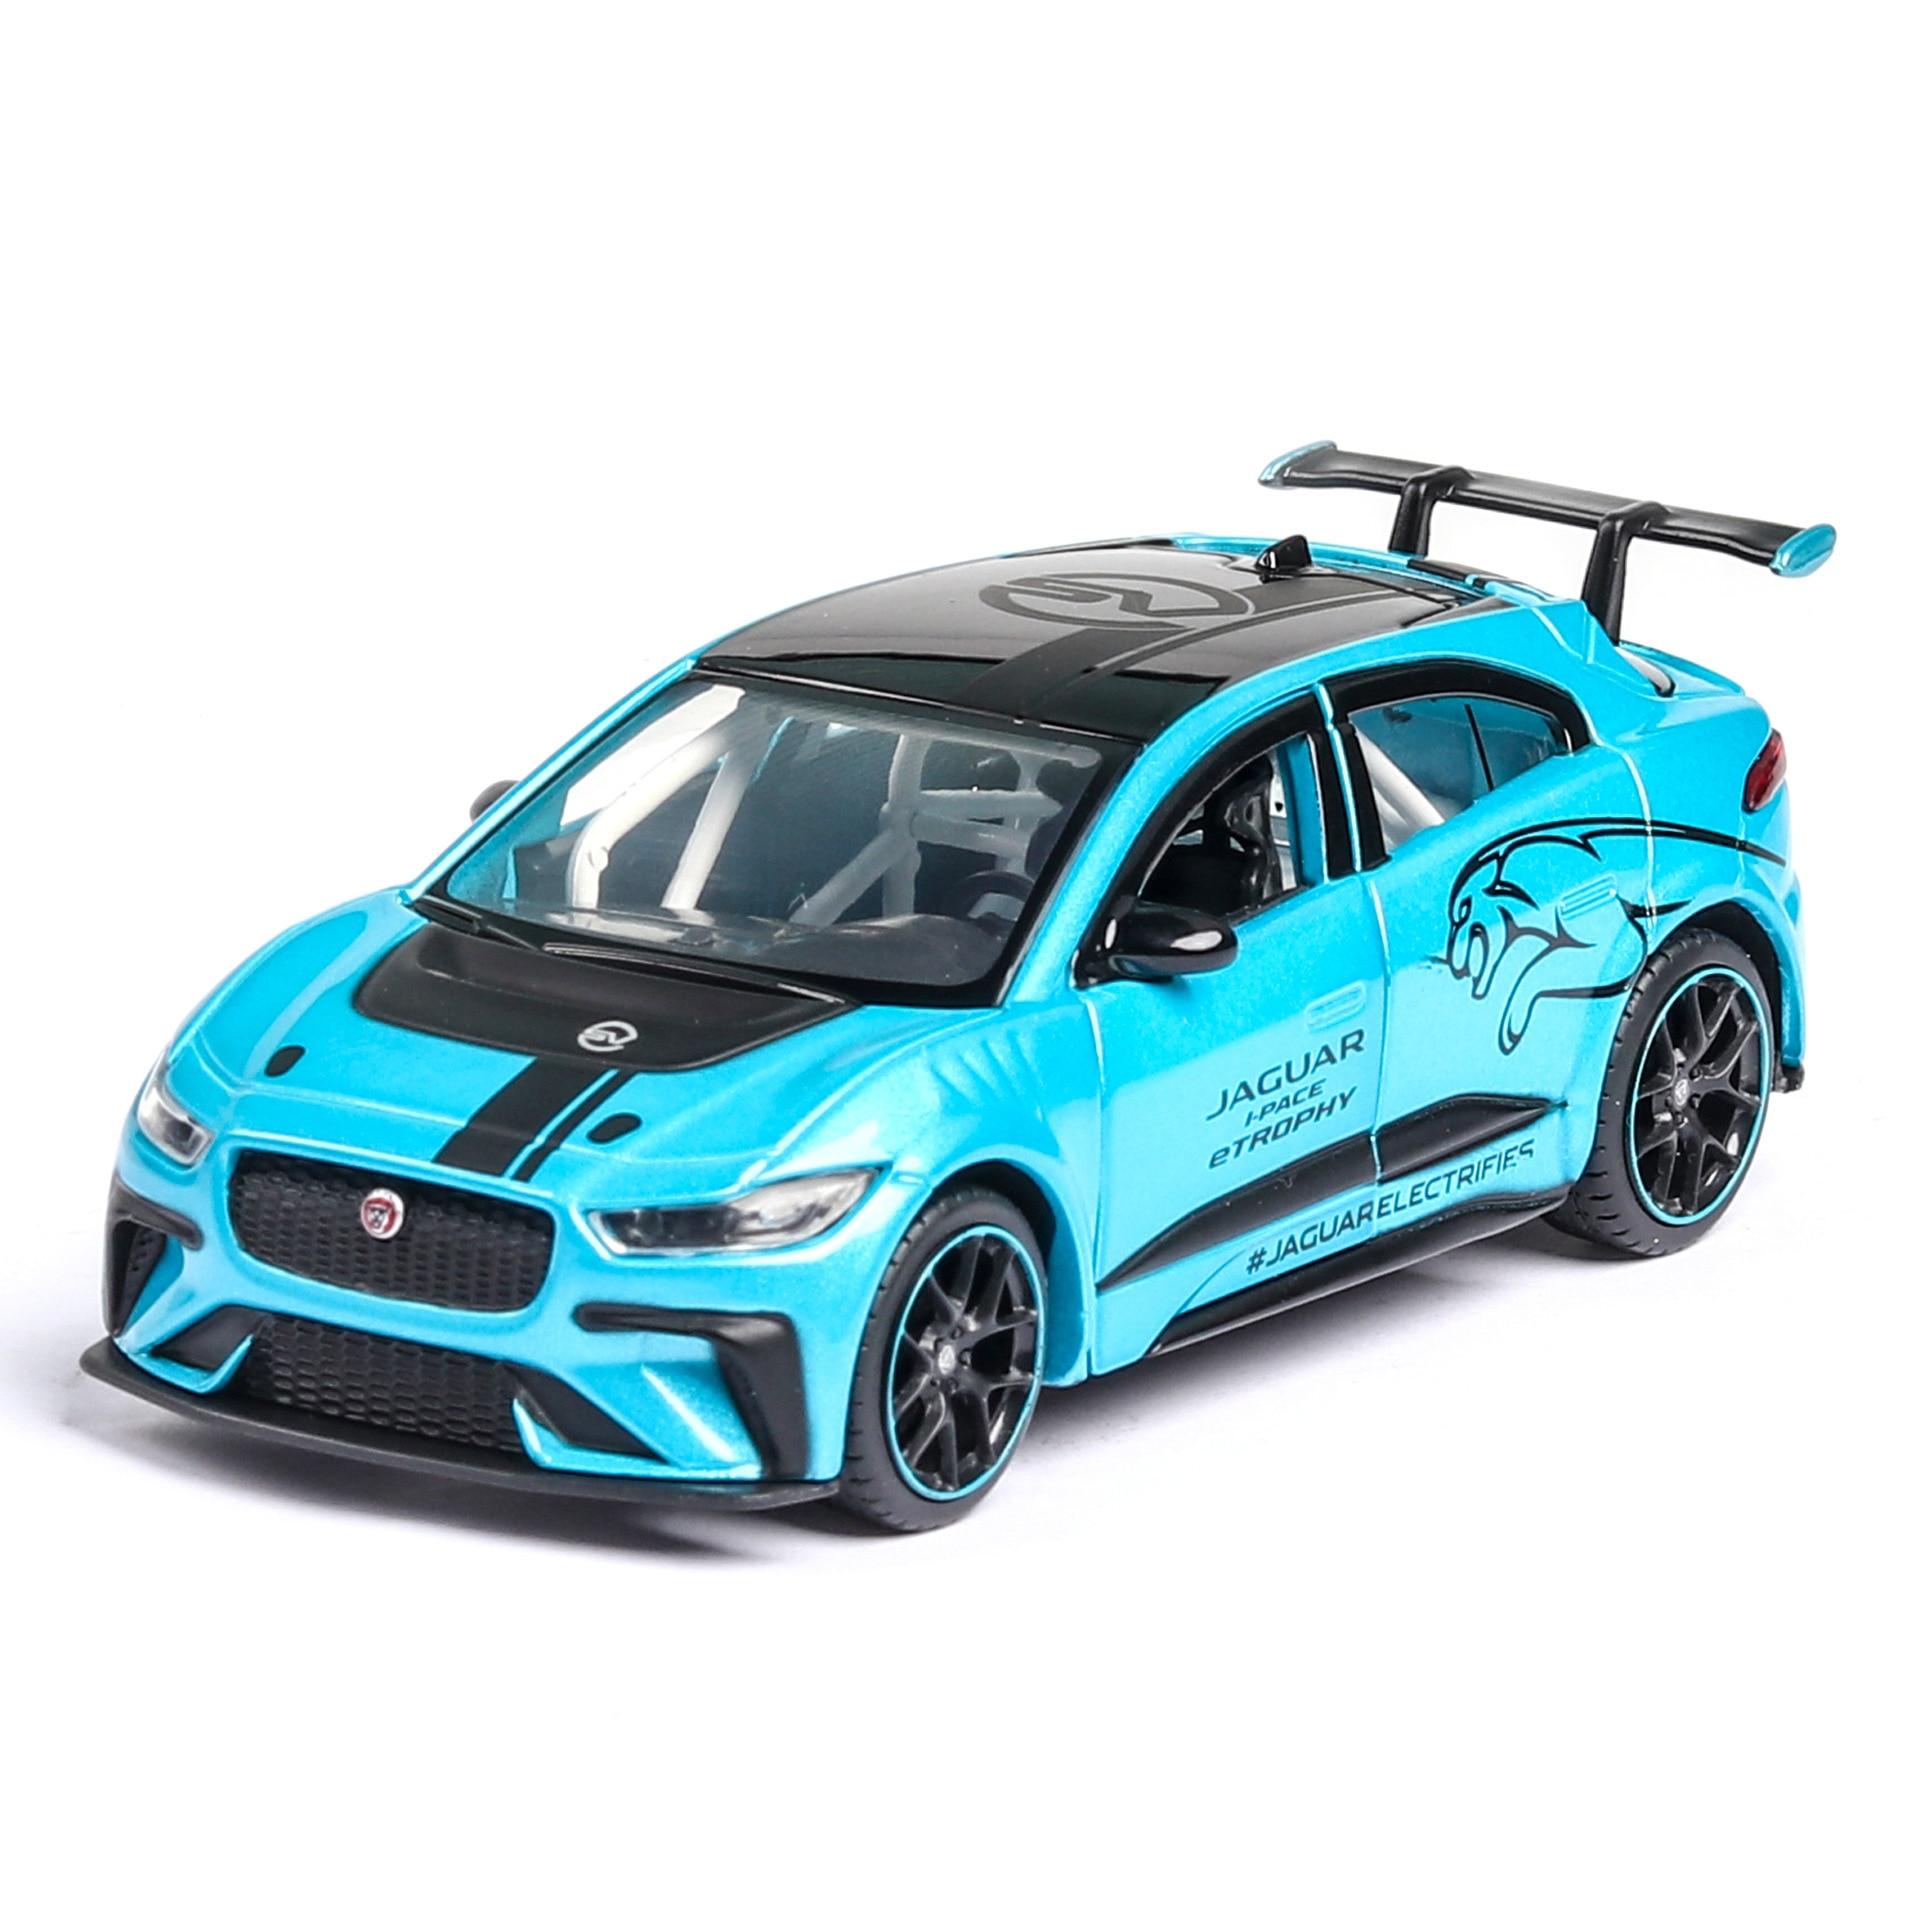 (bulk) Simulation 1:36 Jaguar I PACE Children's Toy Alloy Sports Car Baking Accessories Ornaments